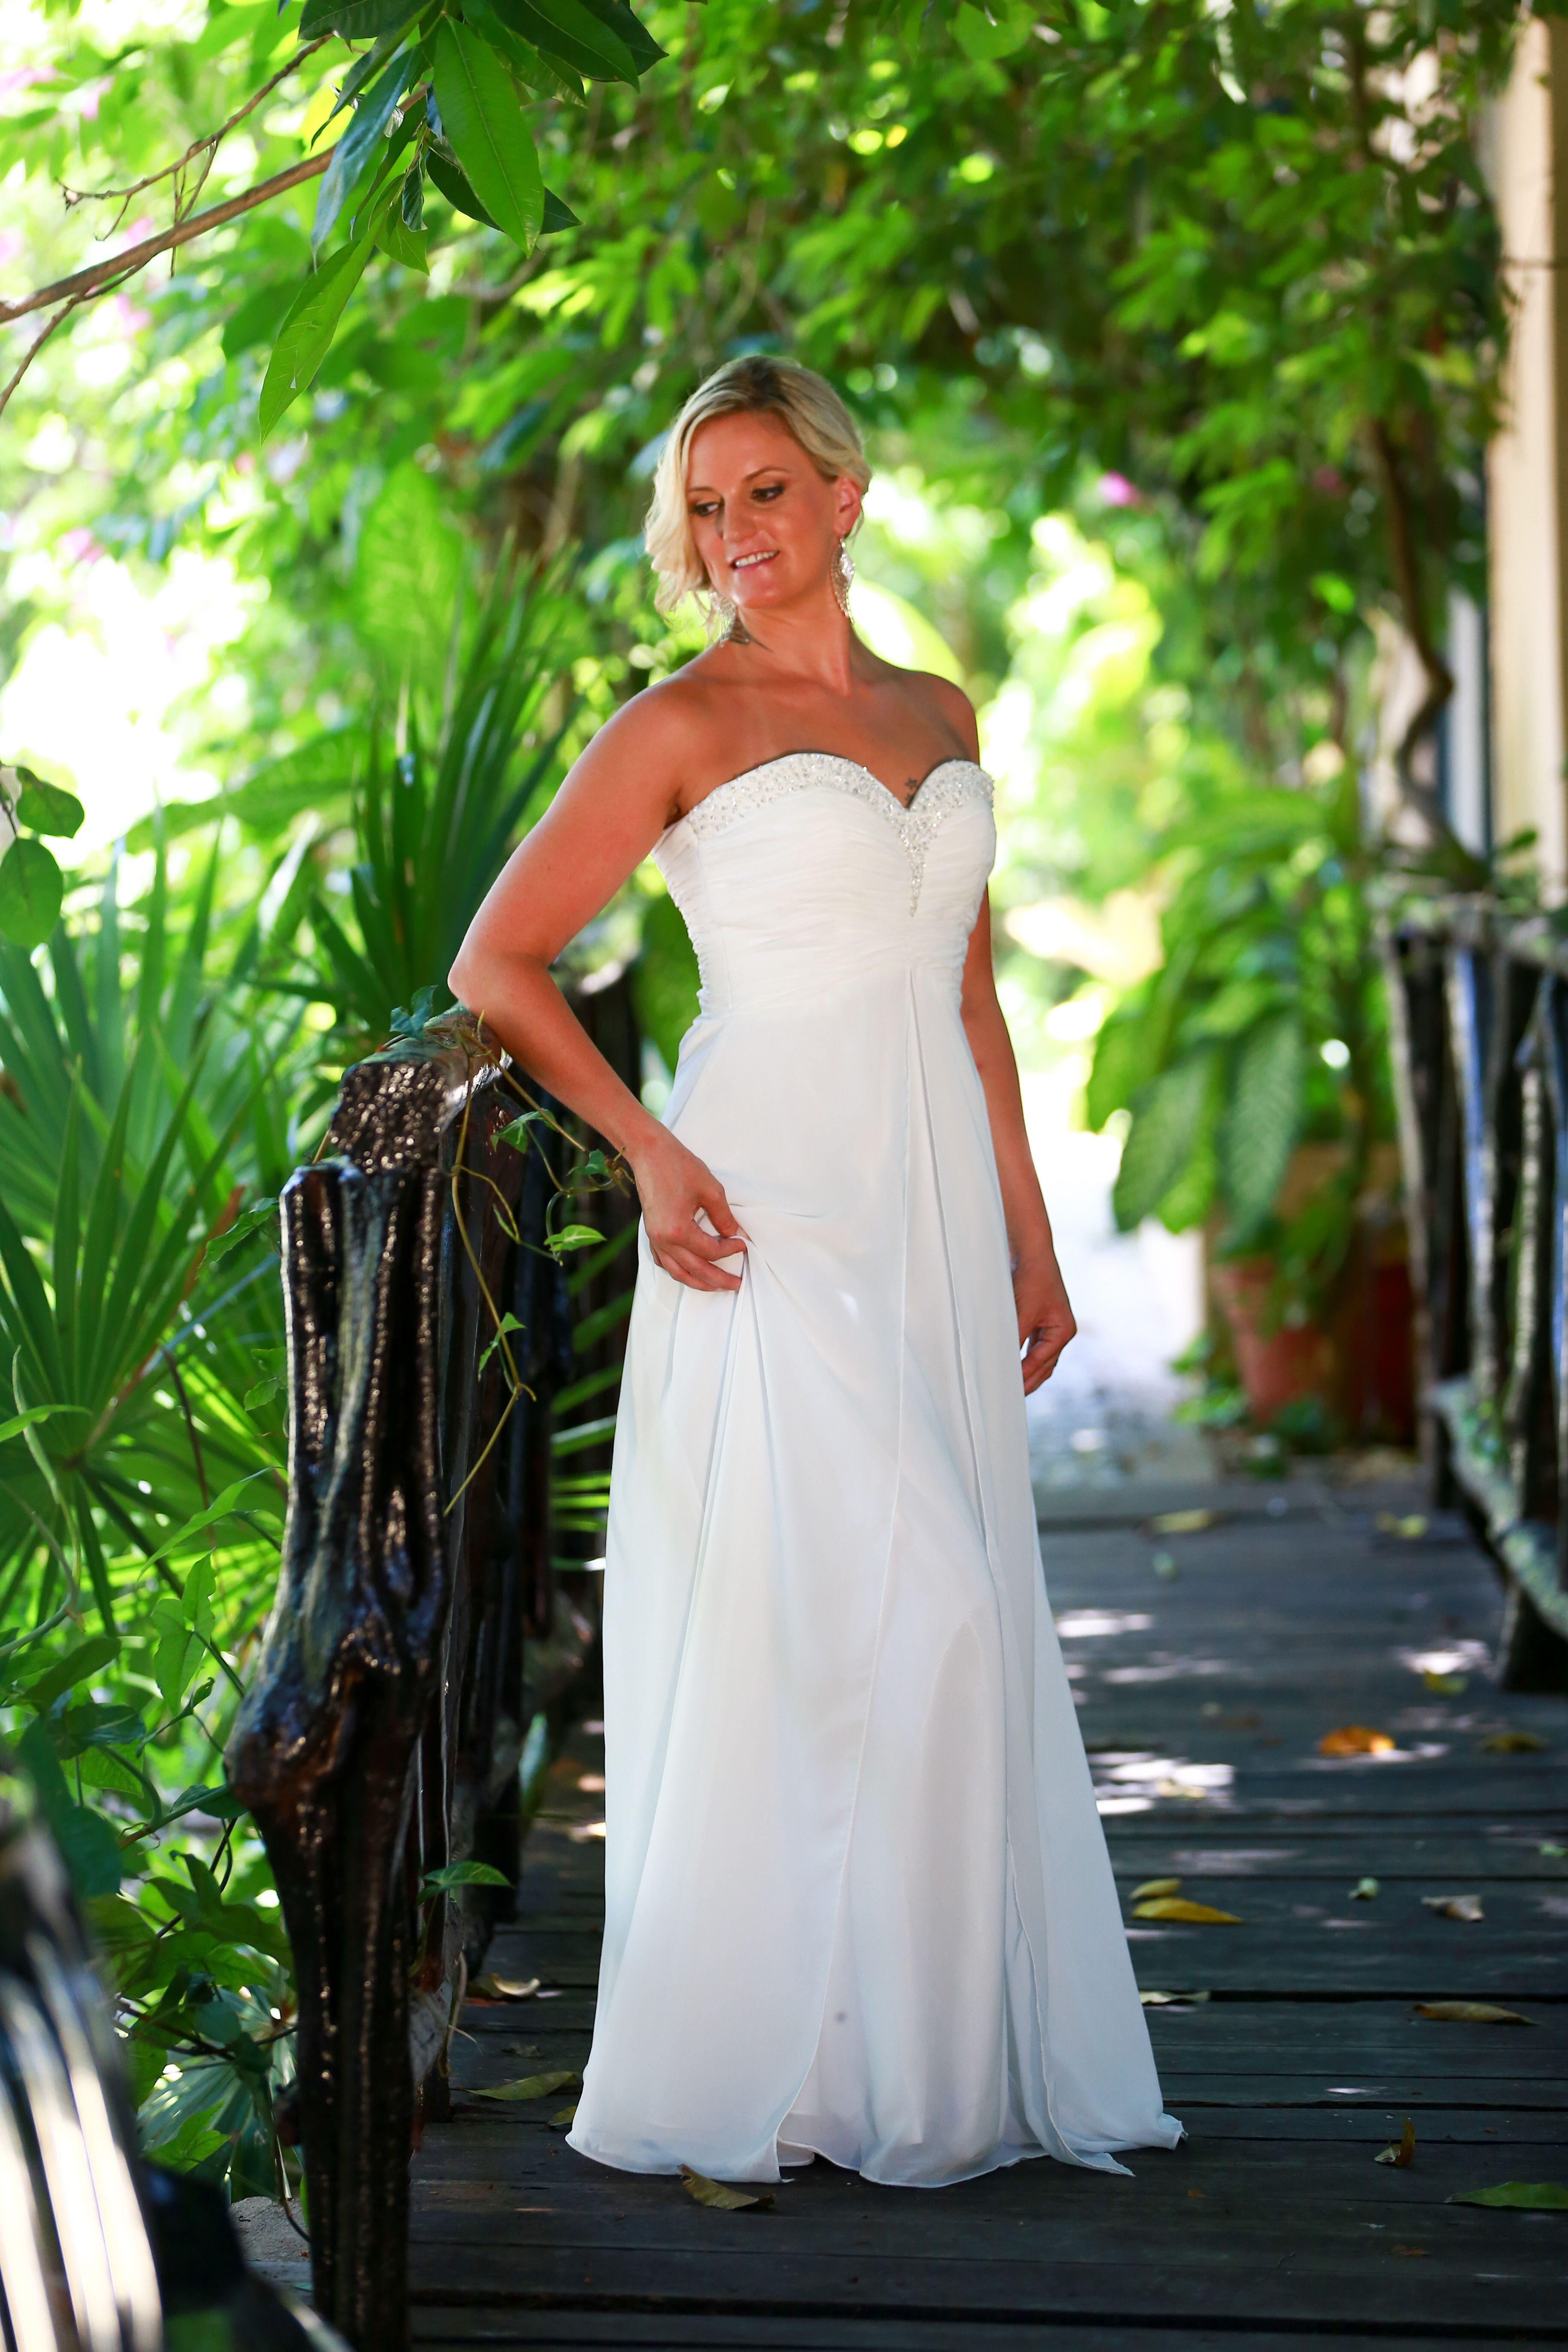 Renta de vestidos de noche cancun